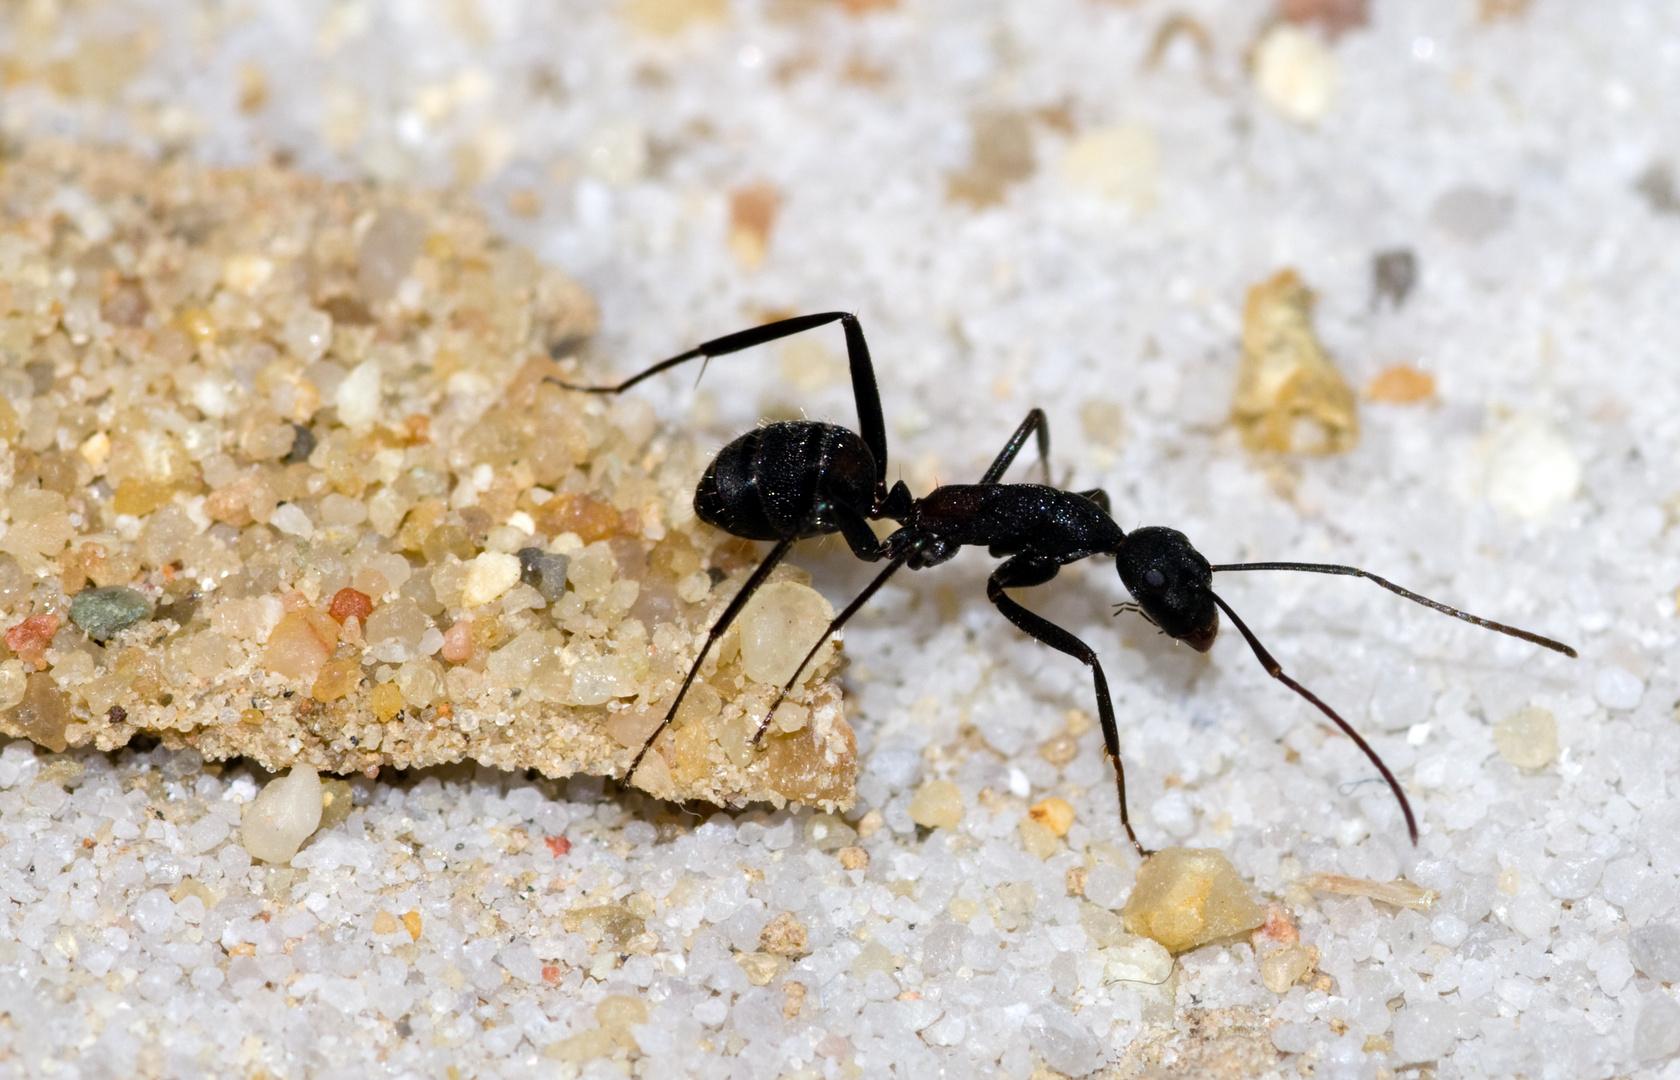 Camponotus cruentatus I